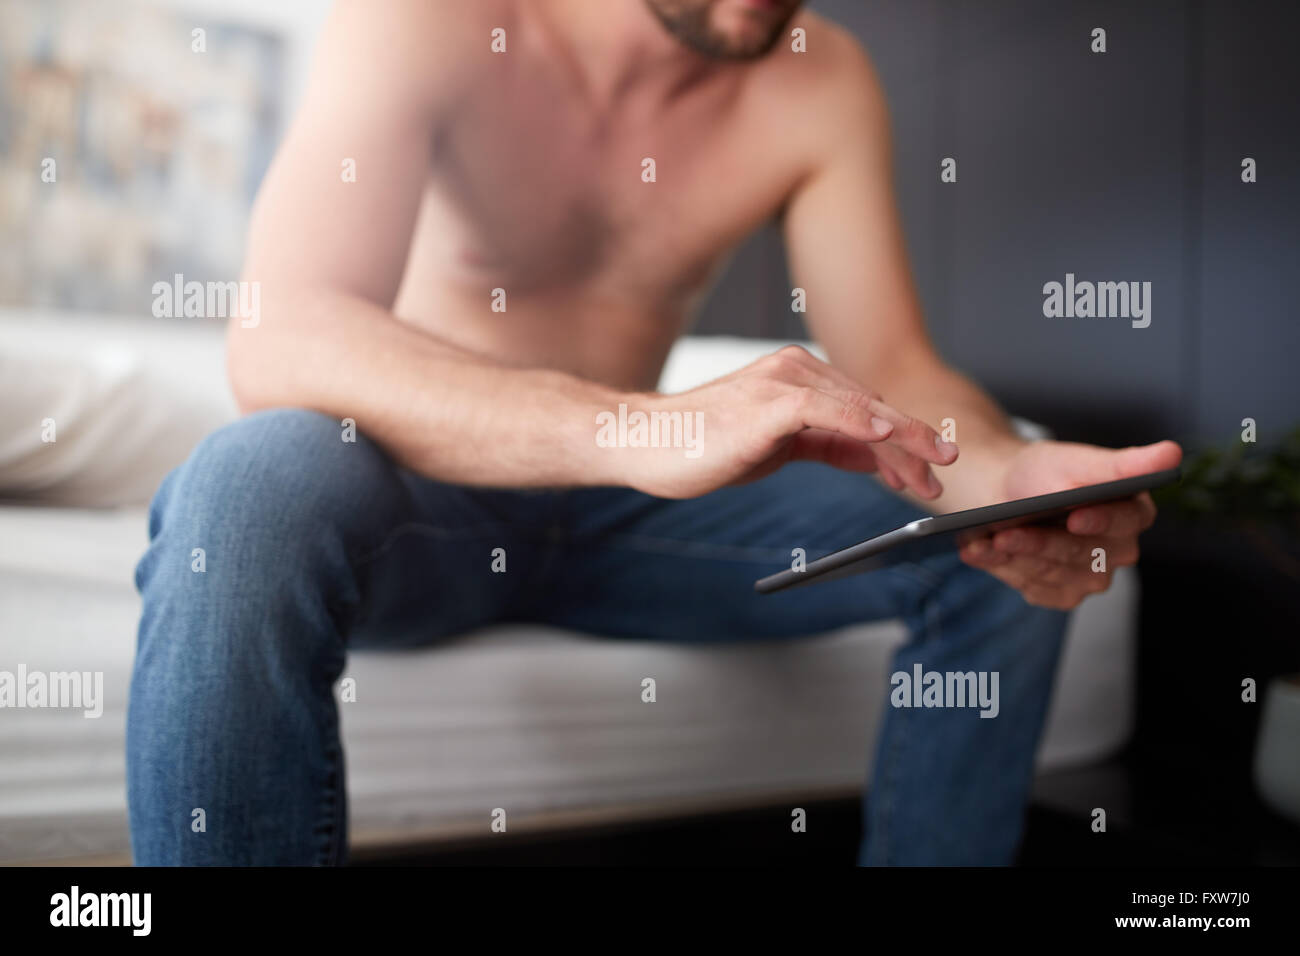 Cerrar retrato del joven sentada en la cama mediante tableta digital. Se centran en las manos y el equipo con pantalla Imagen De Stock